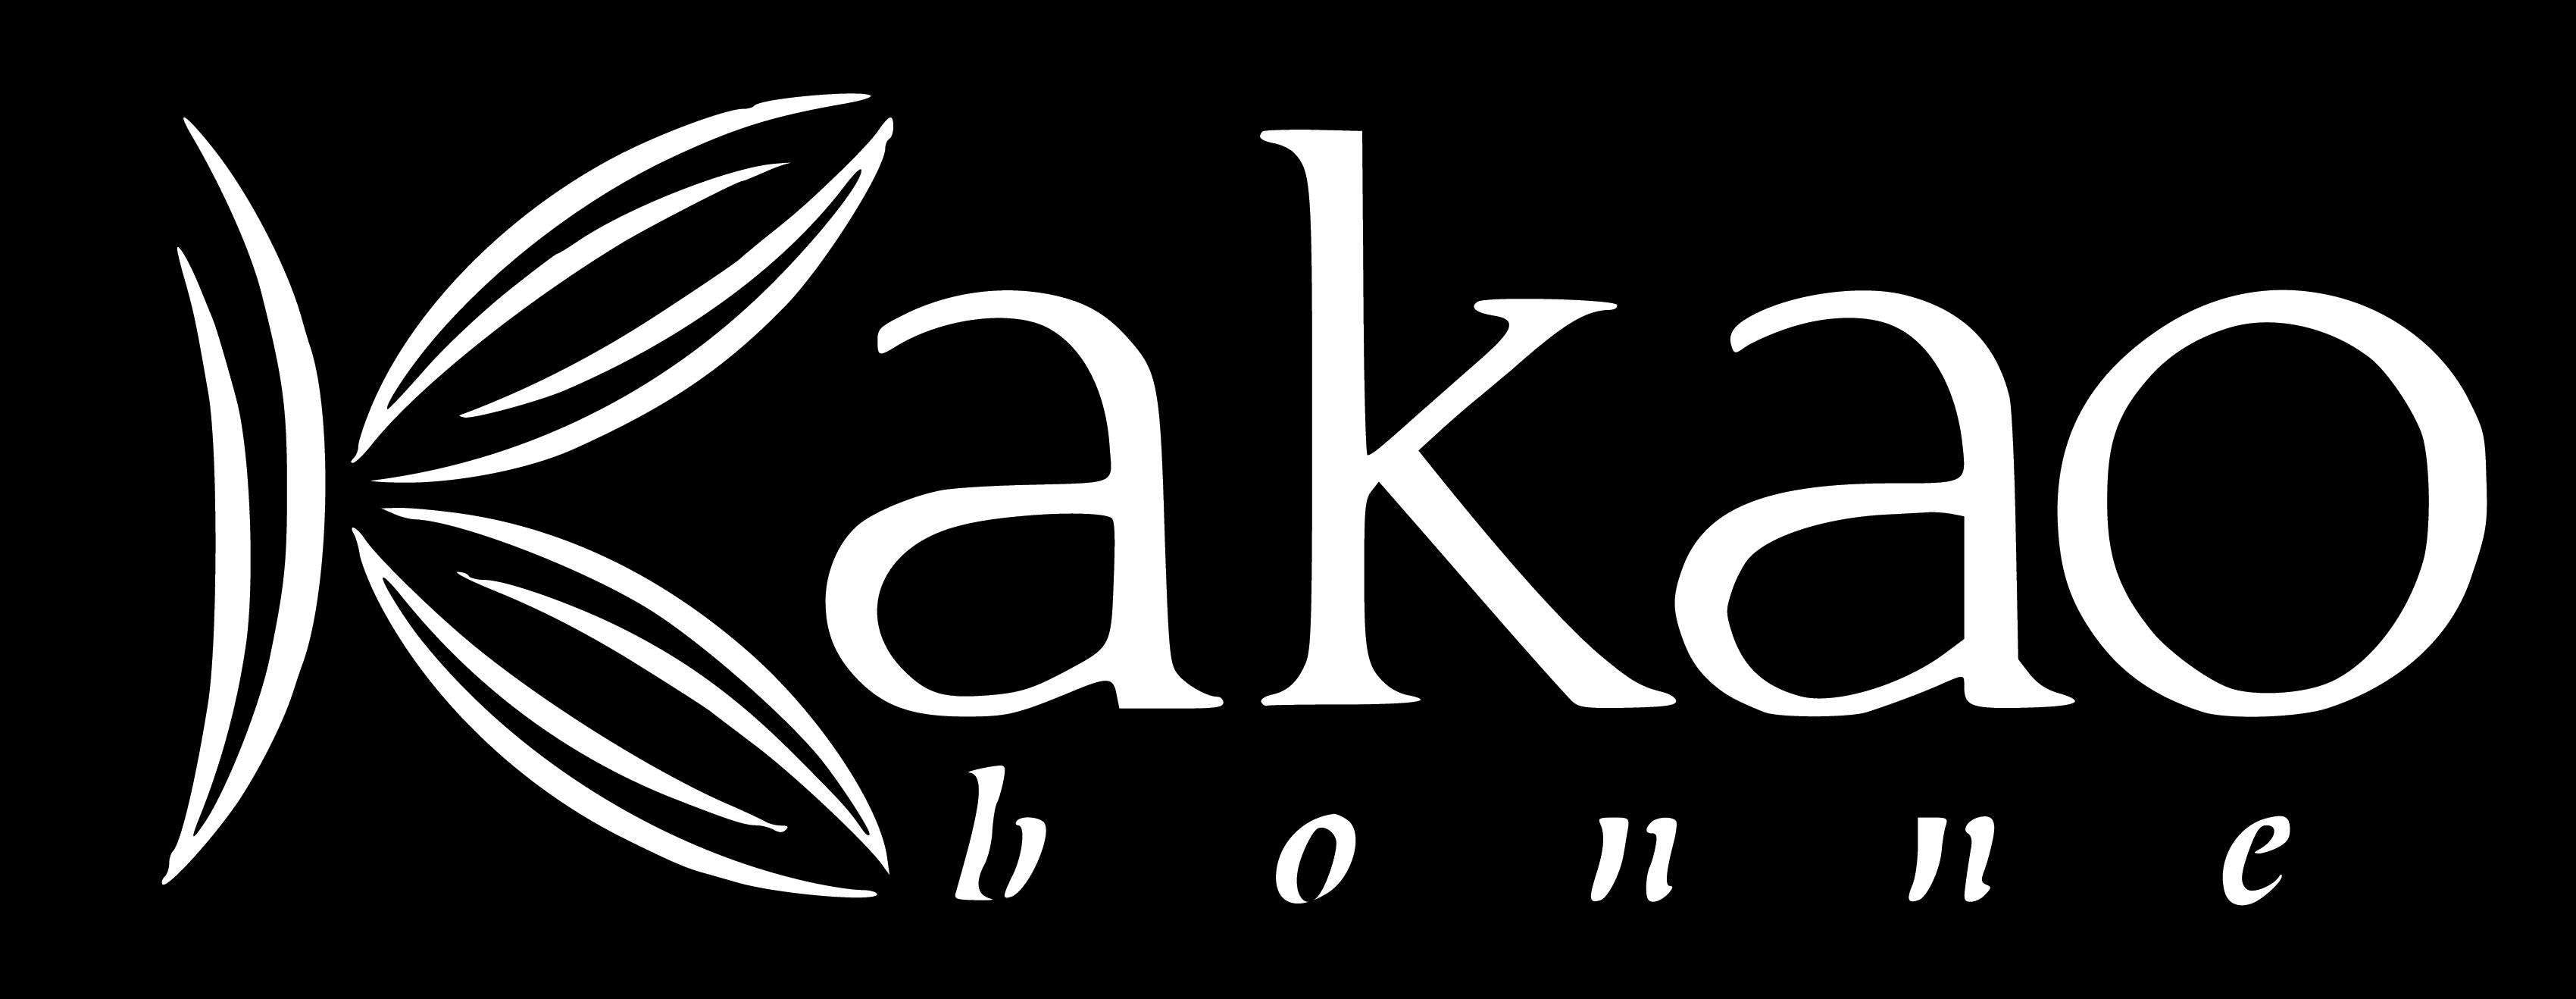 (c) Kakao.com.br